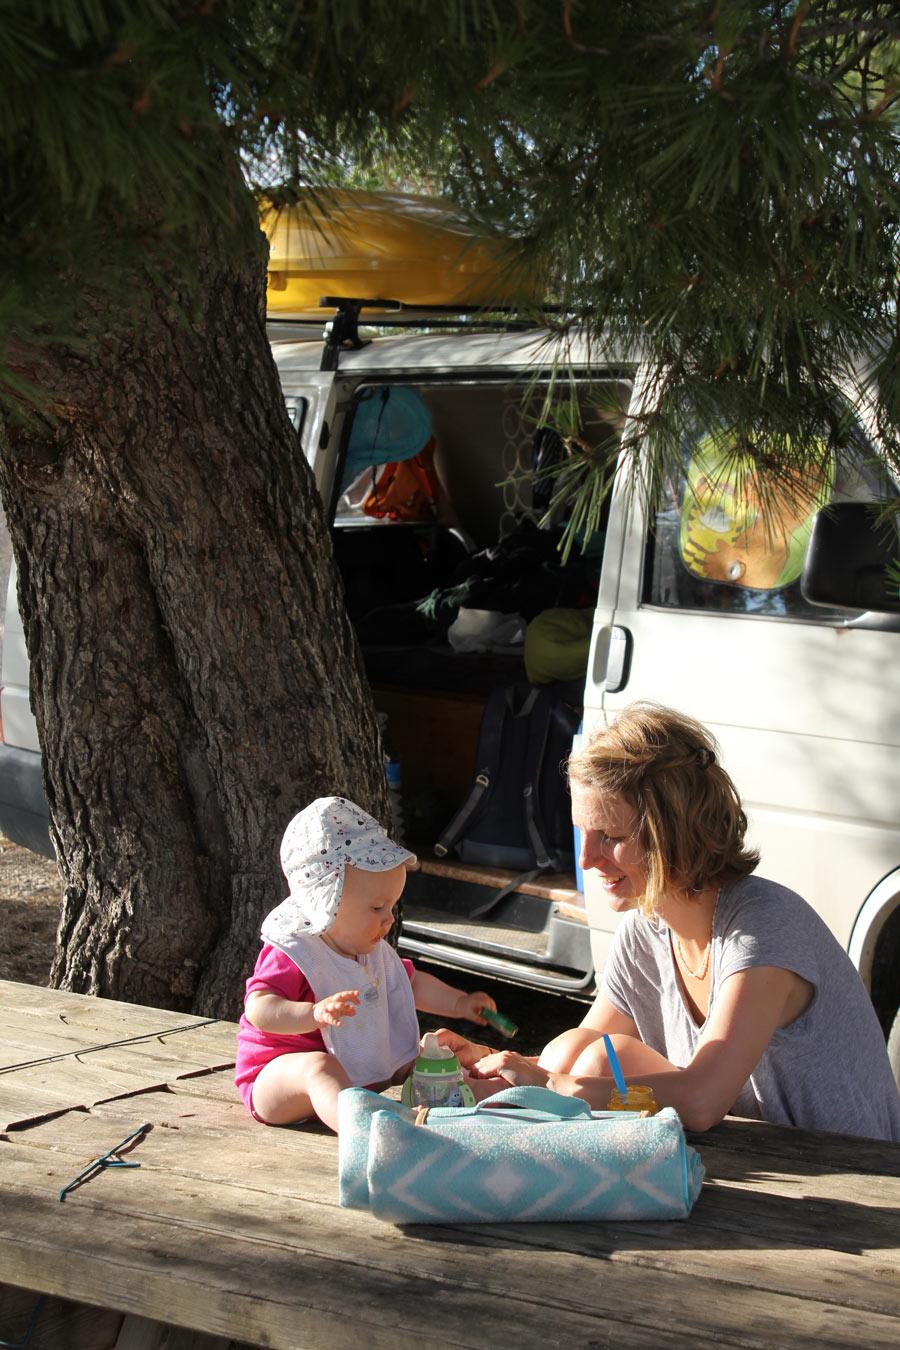 10911_Pause-unter-Pinien-mit-dem-Wohnmobil-und-Familienglück